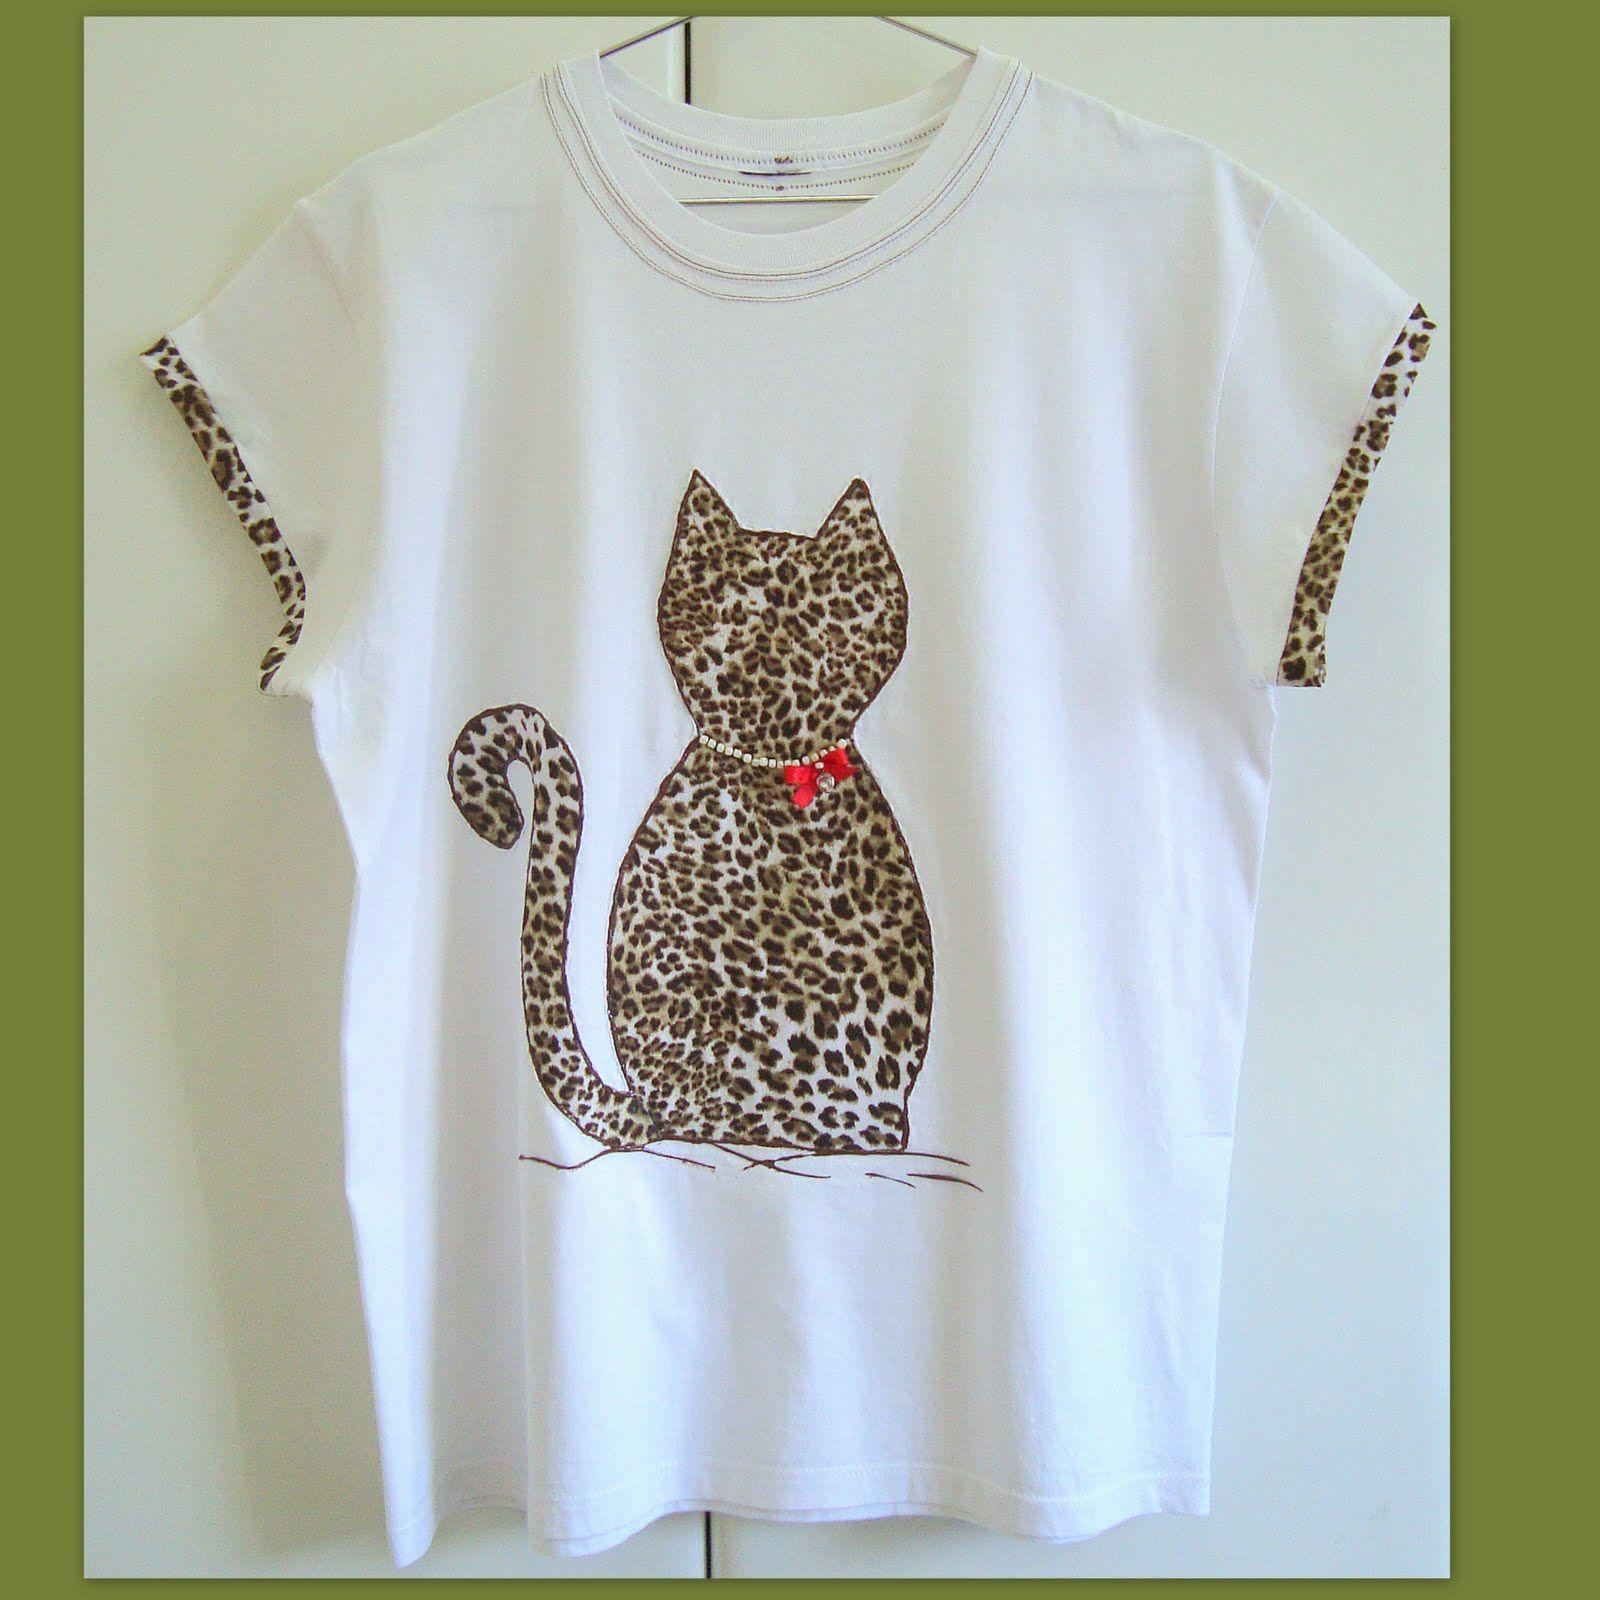 9d8e1e154 Artes da Nique  Customização de blusa com aplique em tecido ...